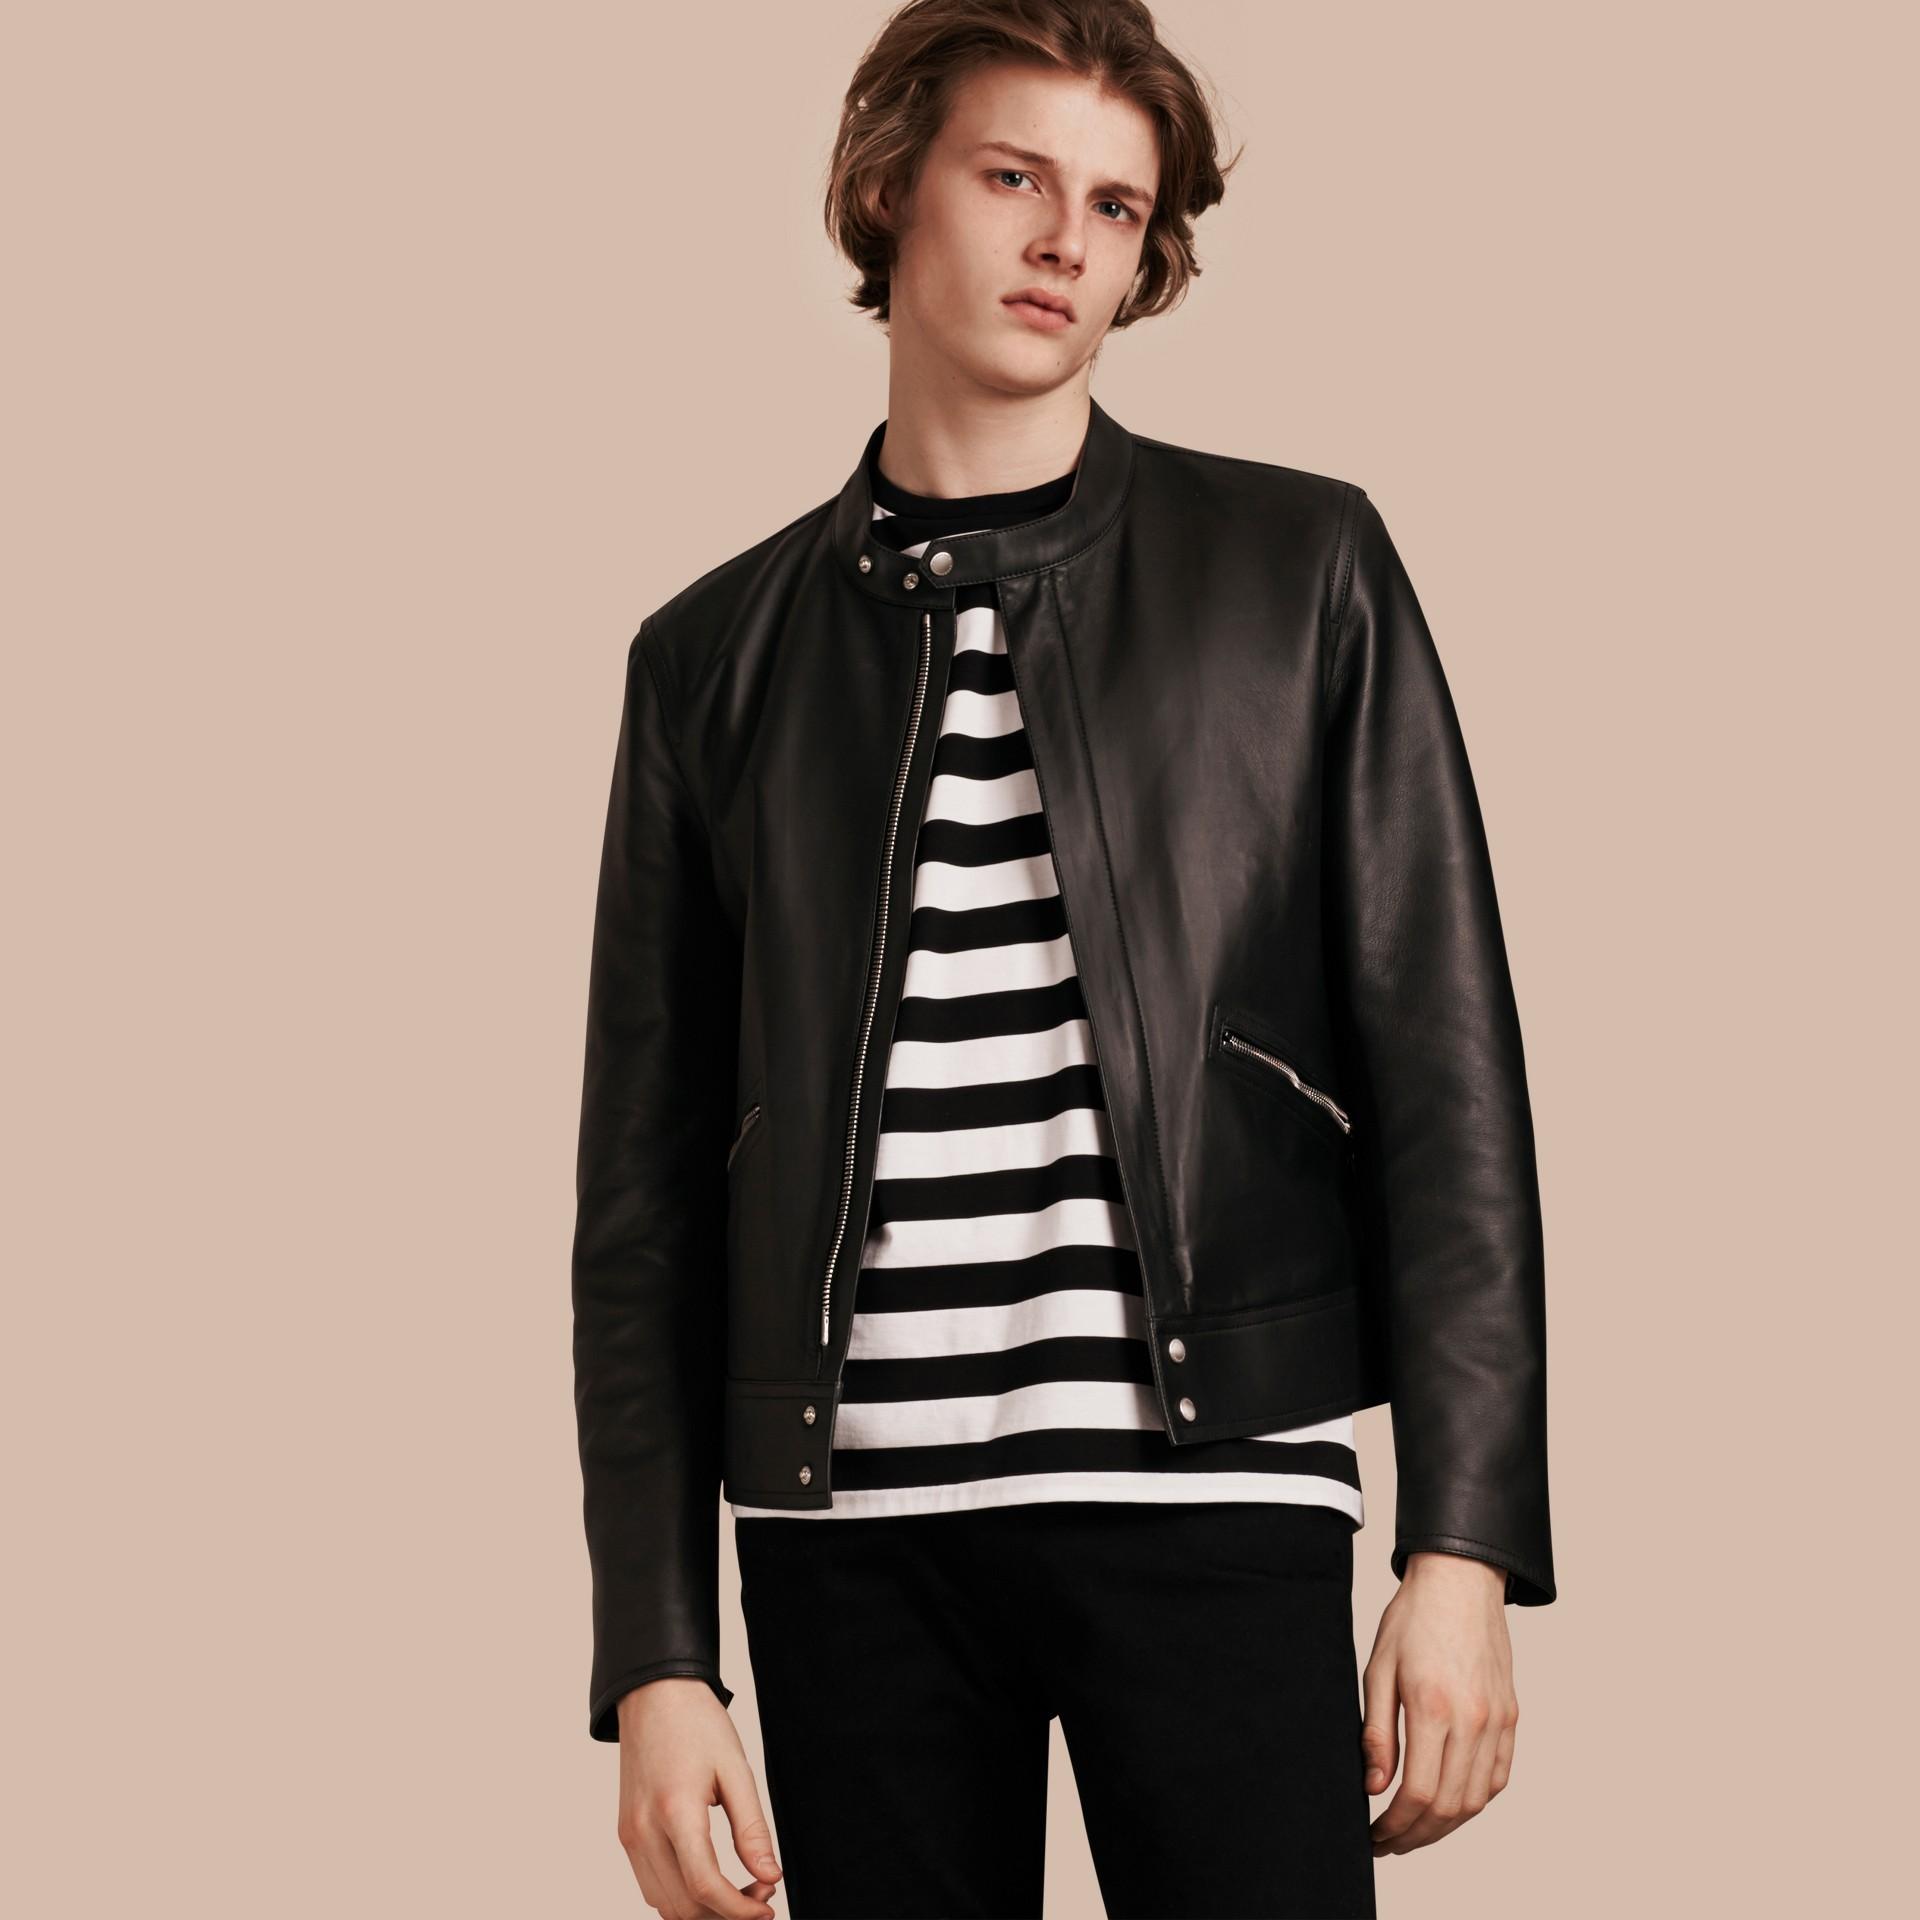 Черный Байкерская куртка из кожи ягненка - изображение 1